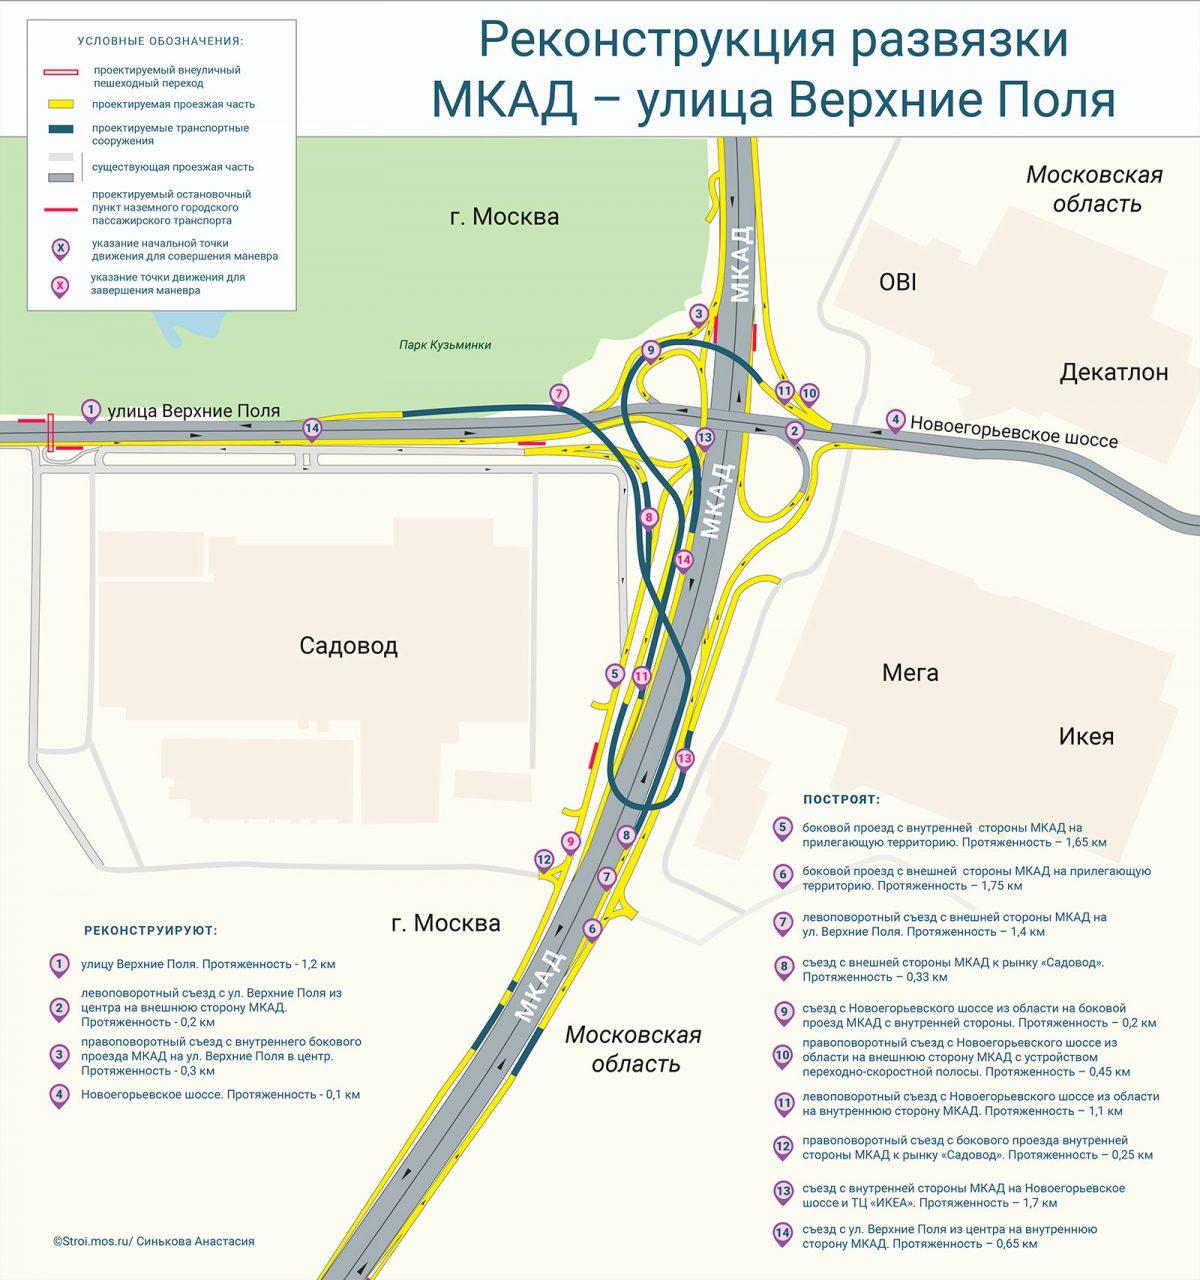 развязка на пересечении МКАД с ул. Верхние Поля